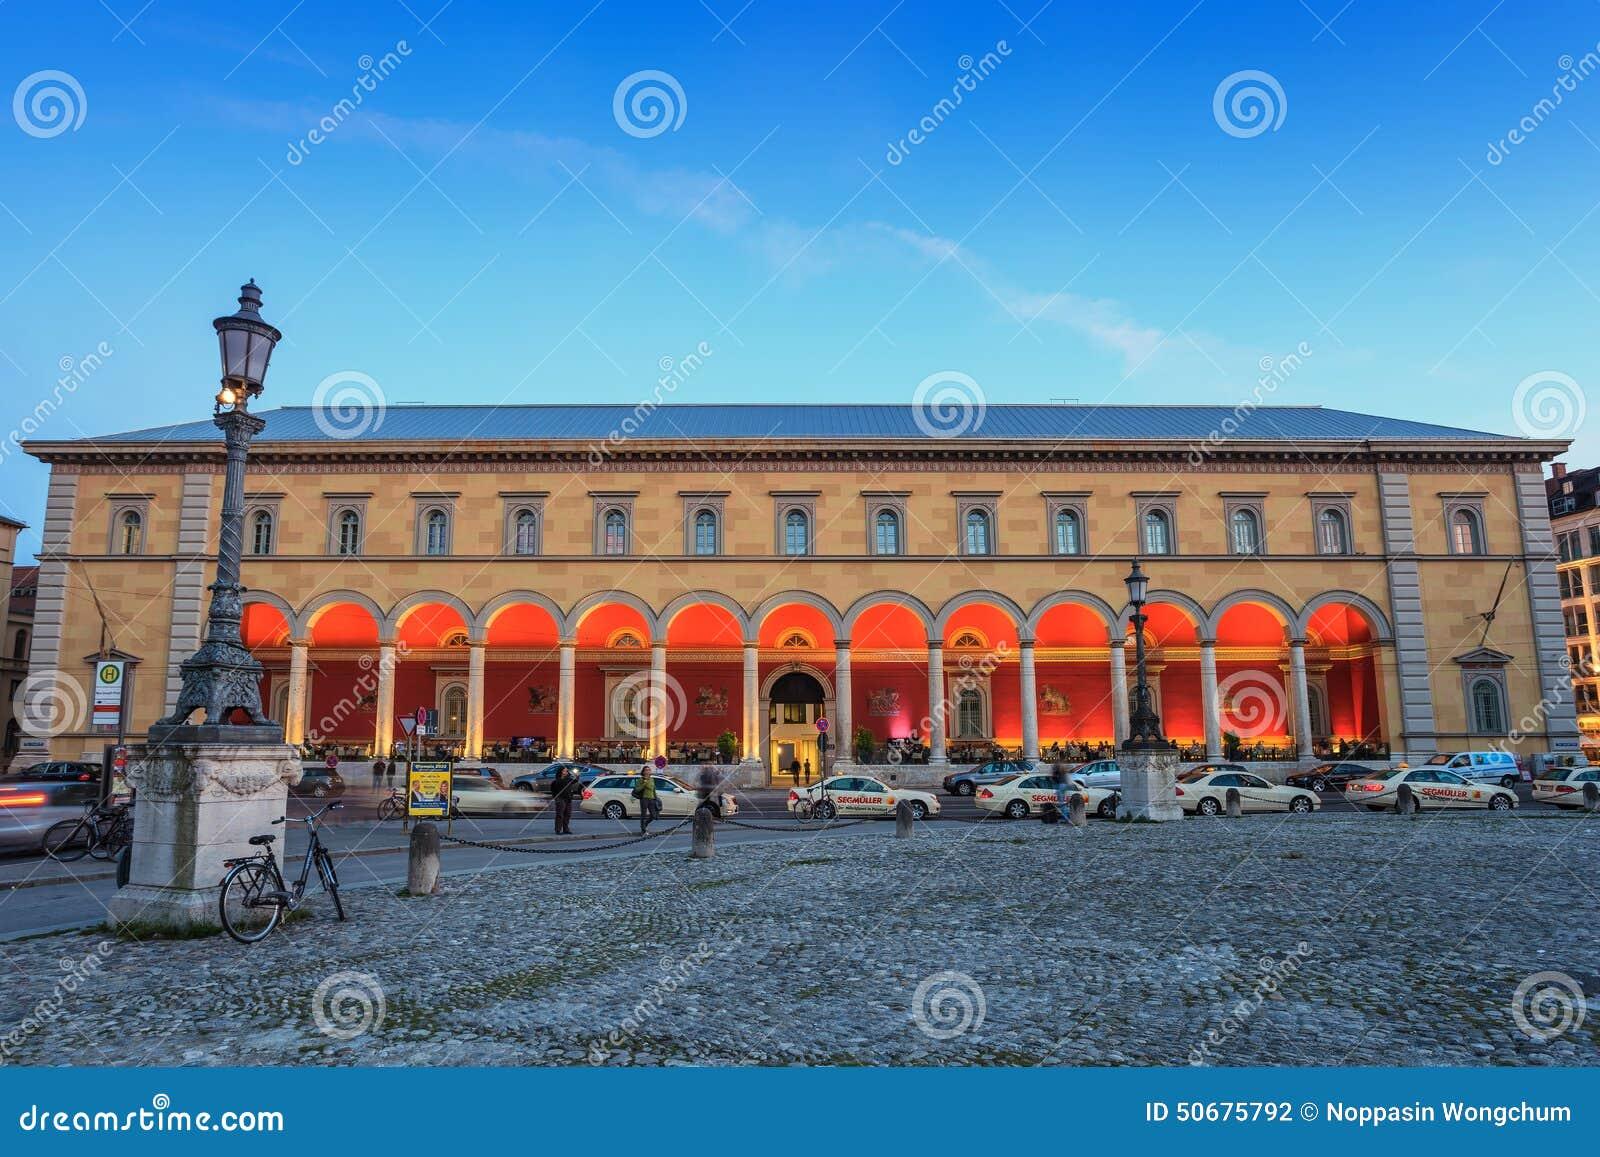 Download 慕尼黑,德国歌剧院 图库摄影片. 图片 包括有 歌剧, 欧洲, 地标, 布琼布拉, 晚上, 房子, 旅行 - 50675792